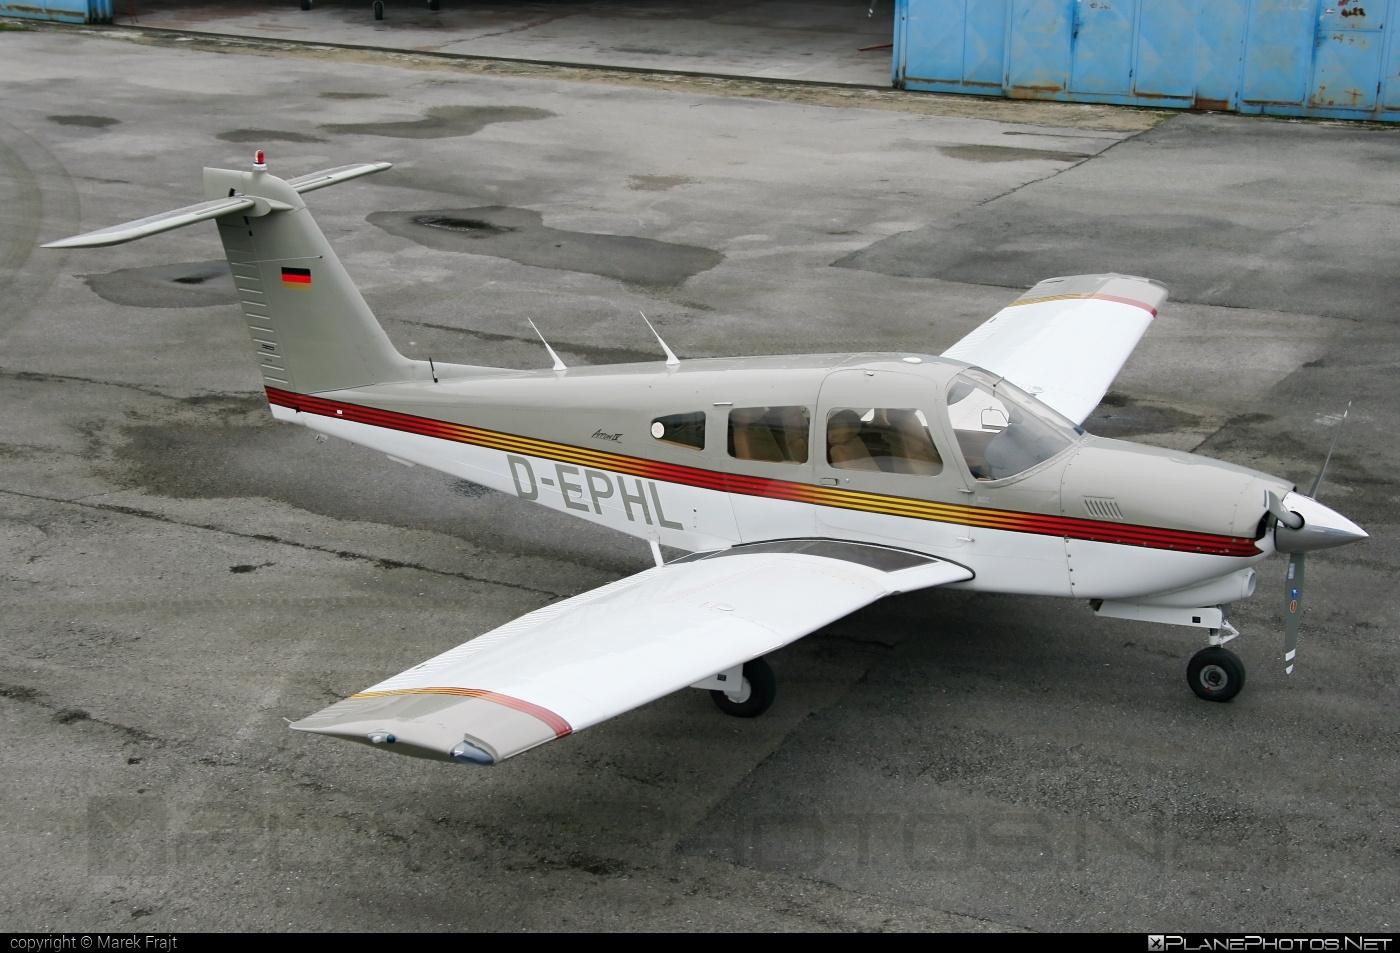 Piper PA-28RT-201T Turbo Cherokee Arrow IV - D-EPHL operated by University of Žilina #cherokeearrow #cherokeearrowiv #pa28 #pa28rt201t #piper #pipercherokee #pipercherokeecarrow #turbocherokee #turbocherokeearrow #turbocherokeearrowiv